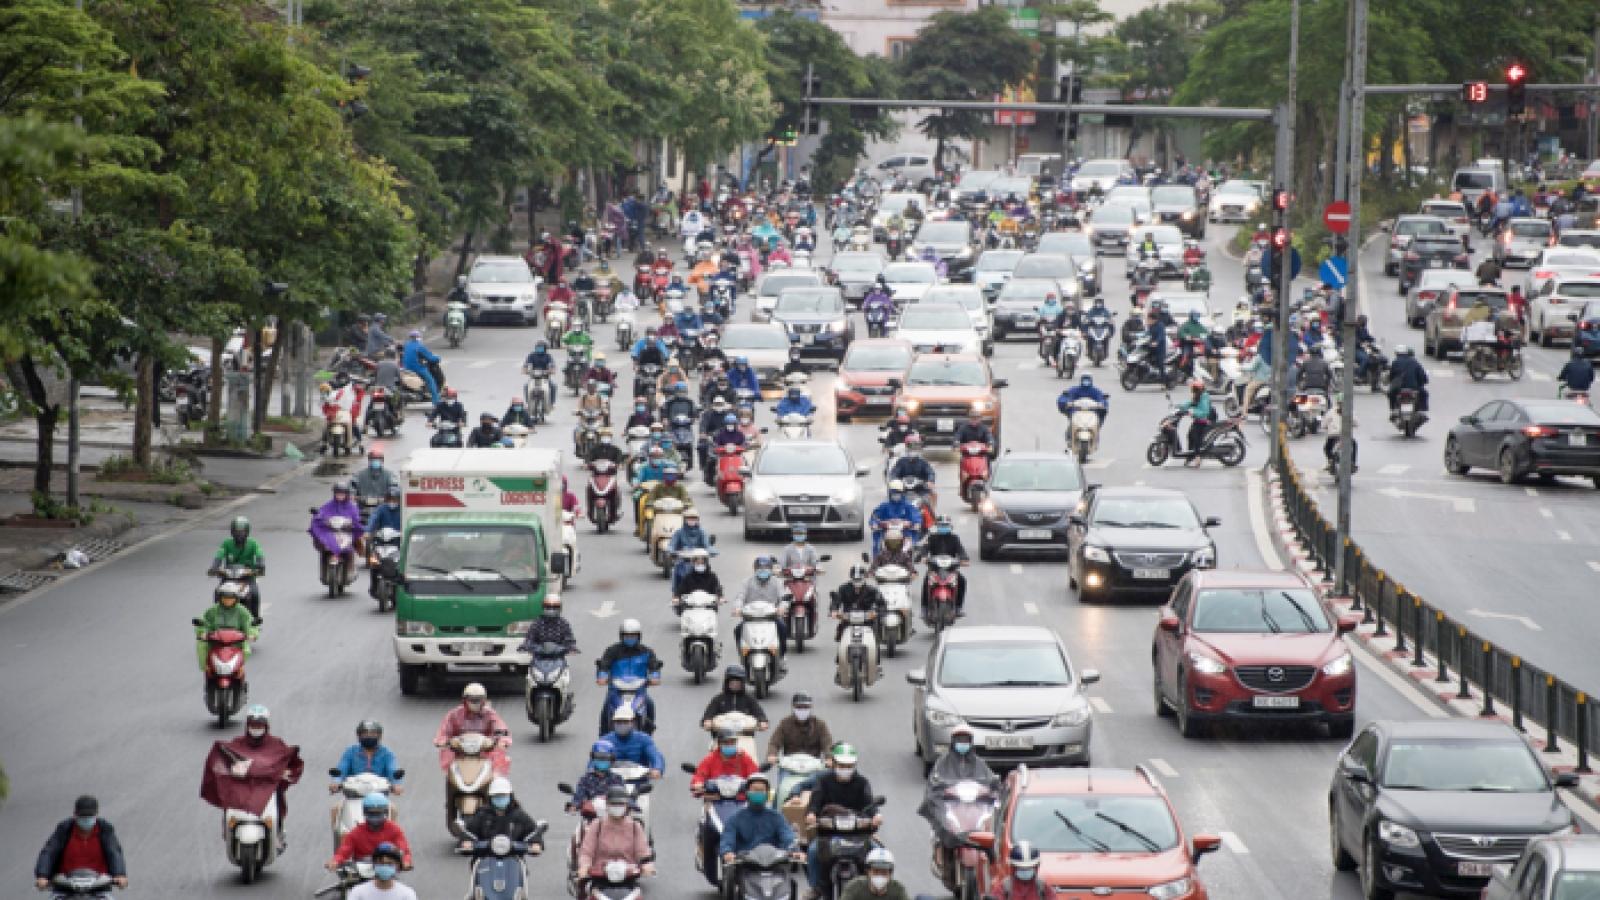 Đổi xe máy là bảo vệ môi trường hay kích cầu tiêu dùng?